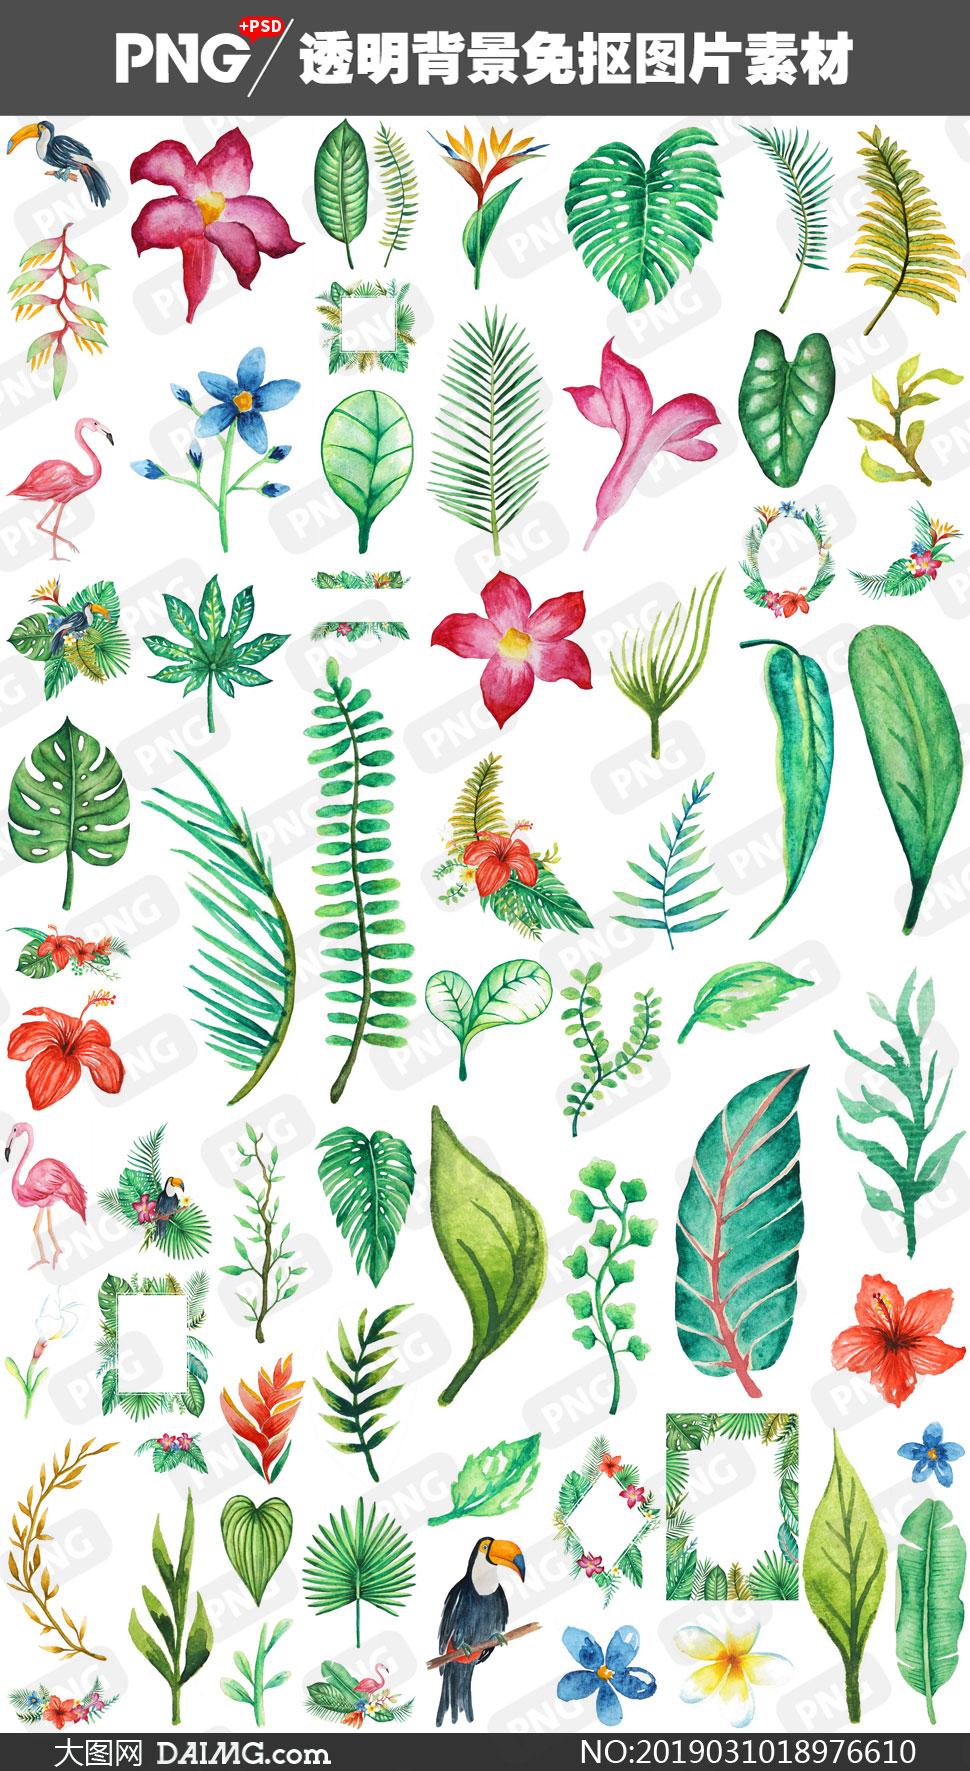 鮮花綠葉與鸚鵡等免摳圖片高清素材